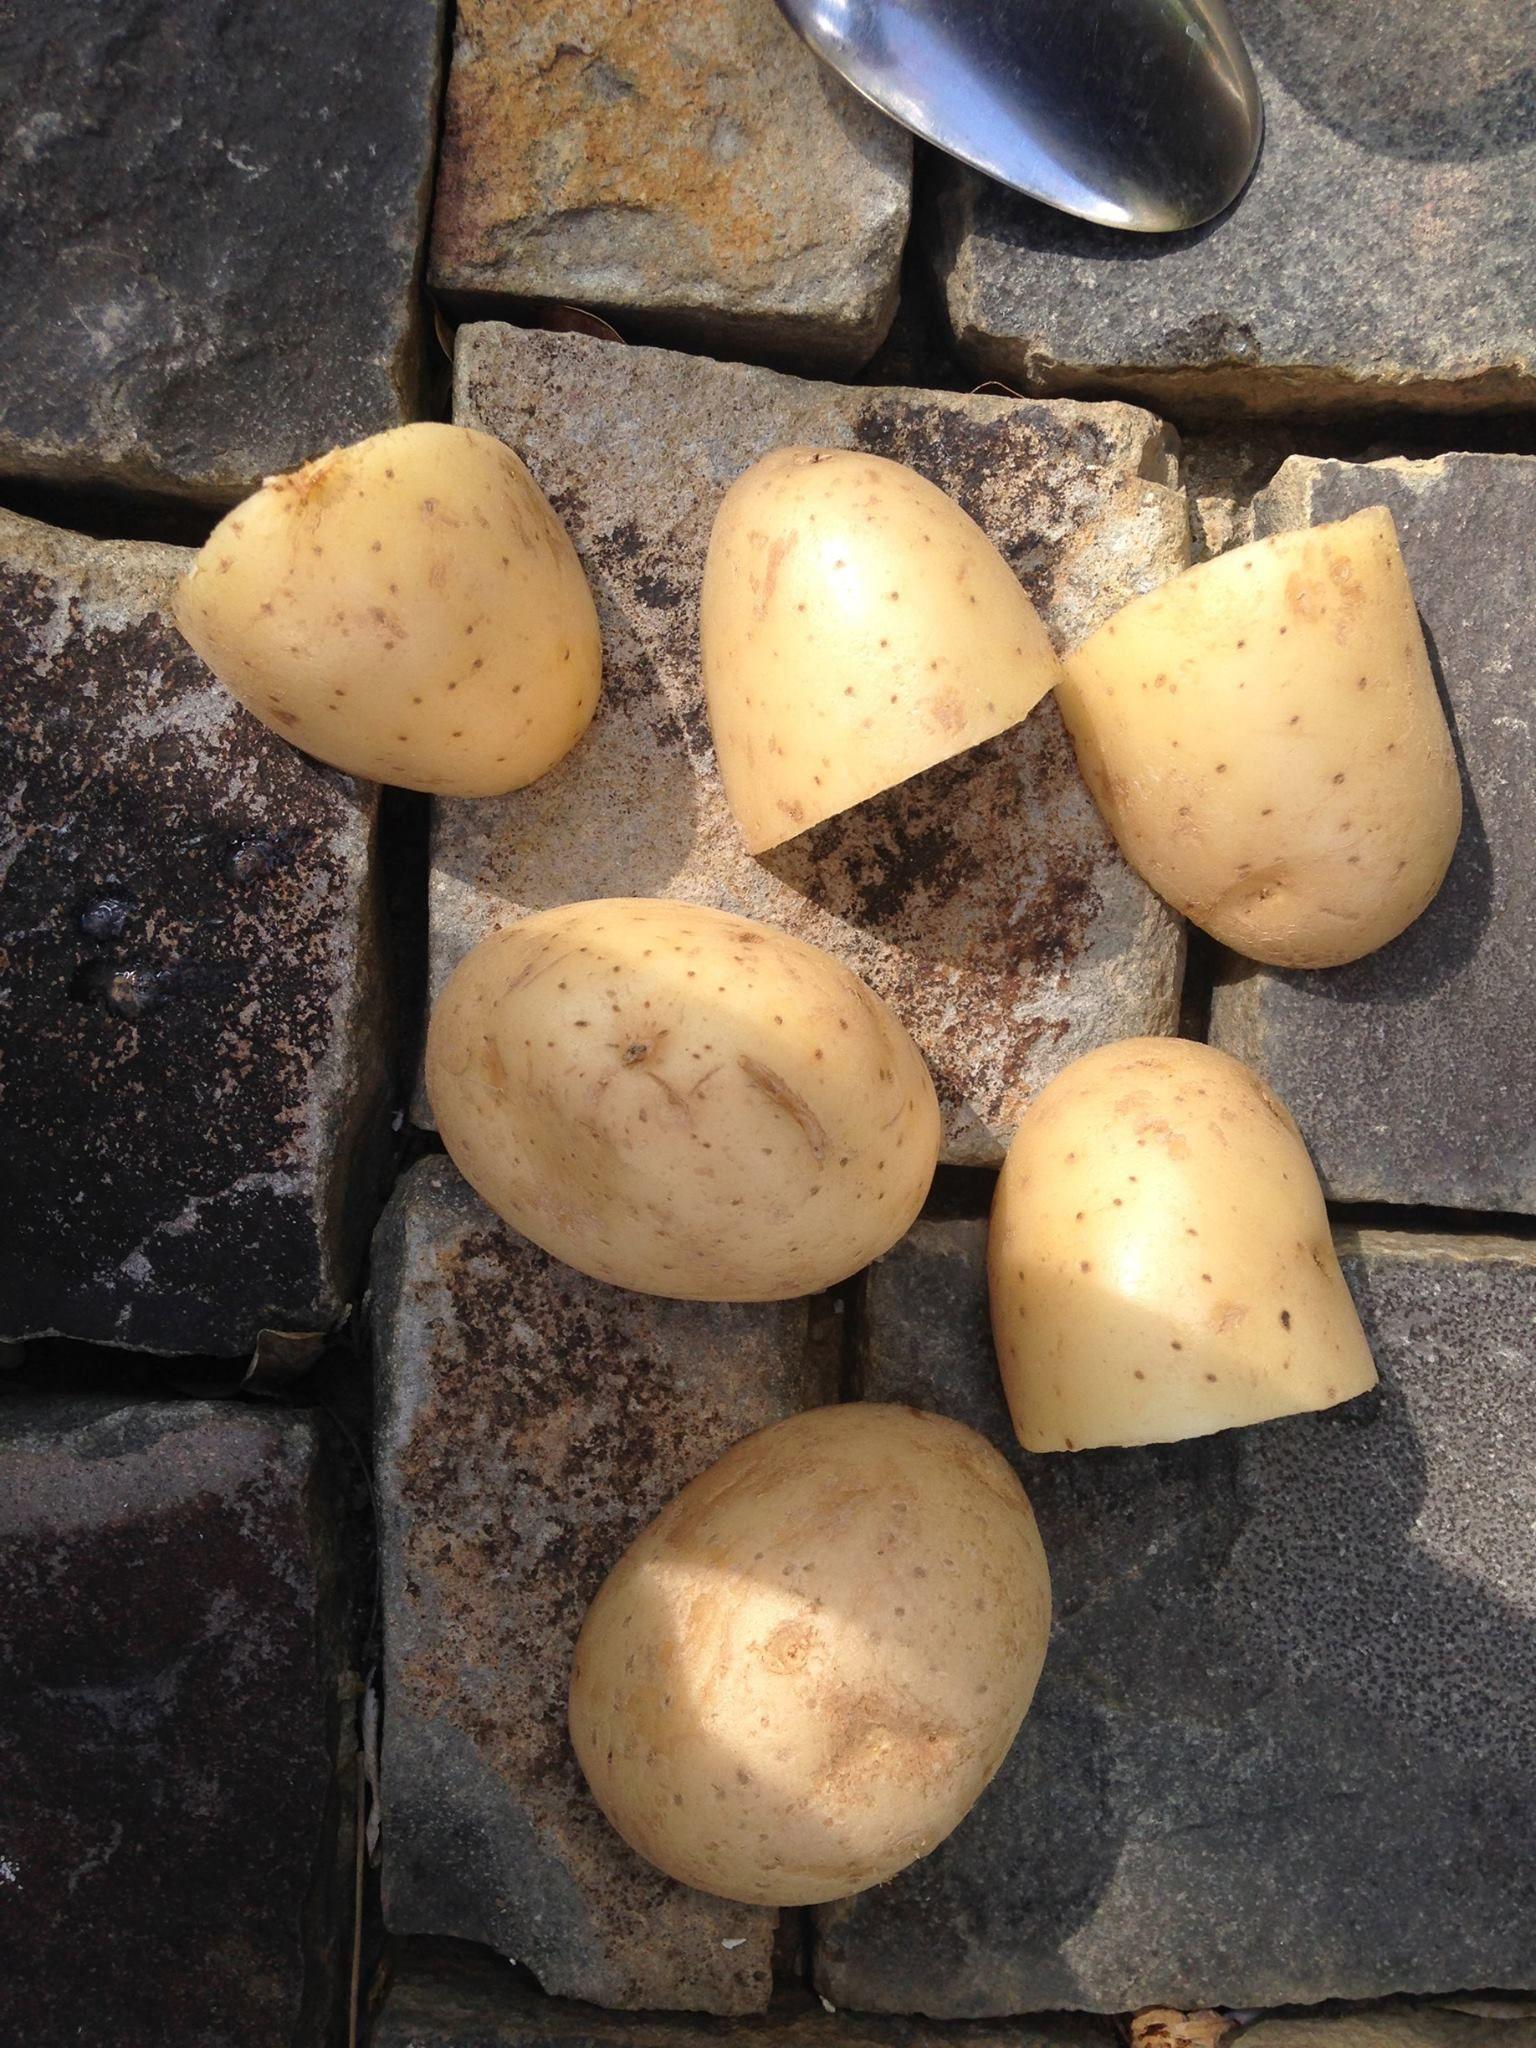 papa: La mejor forma de cultivar papas o patatas es hacerlo a través del tubérculo mismo (papa o patata) y no por semillas. Es de vital importancia nunca plantar un tubérculo que este enfermo. Se cortan en cuatro pedazos y se ponen al sol no es necesario agregar agua.   16 abril Andrea Lozano